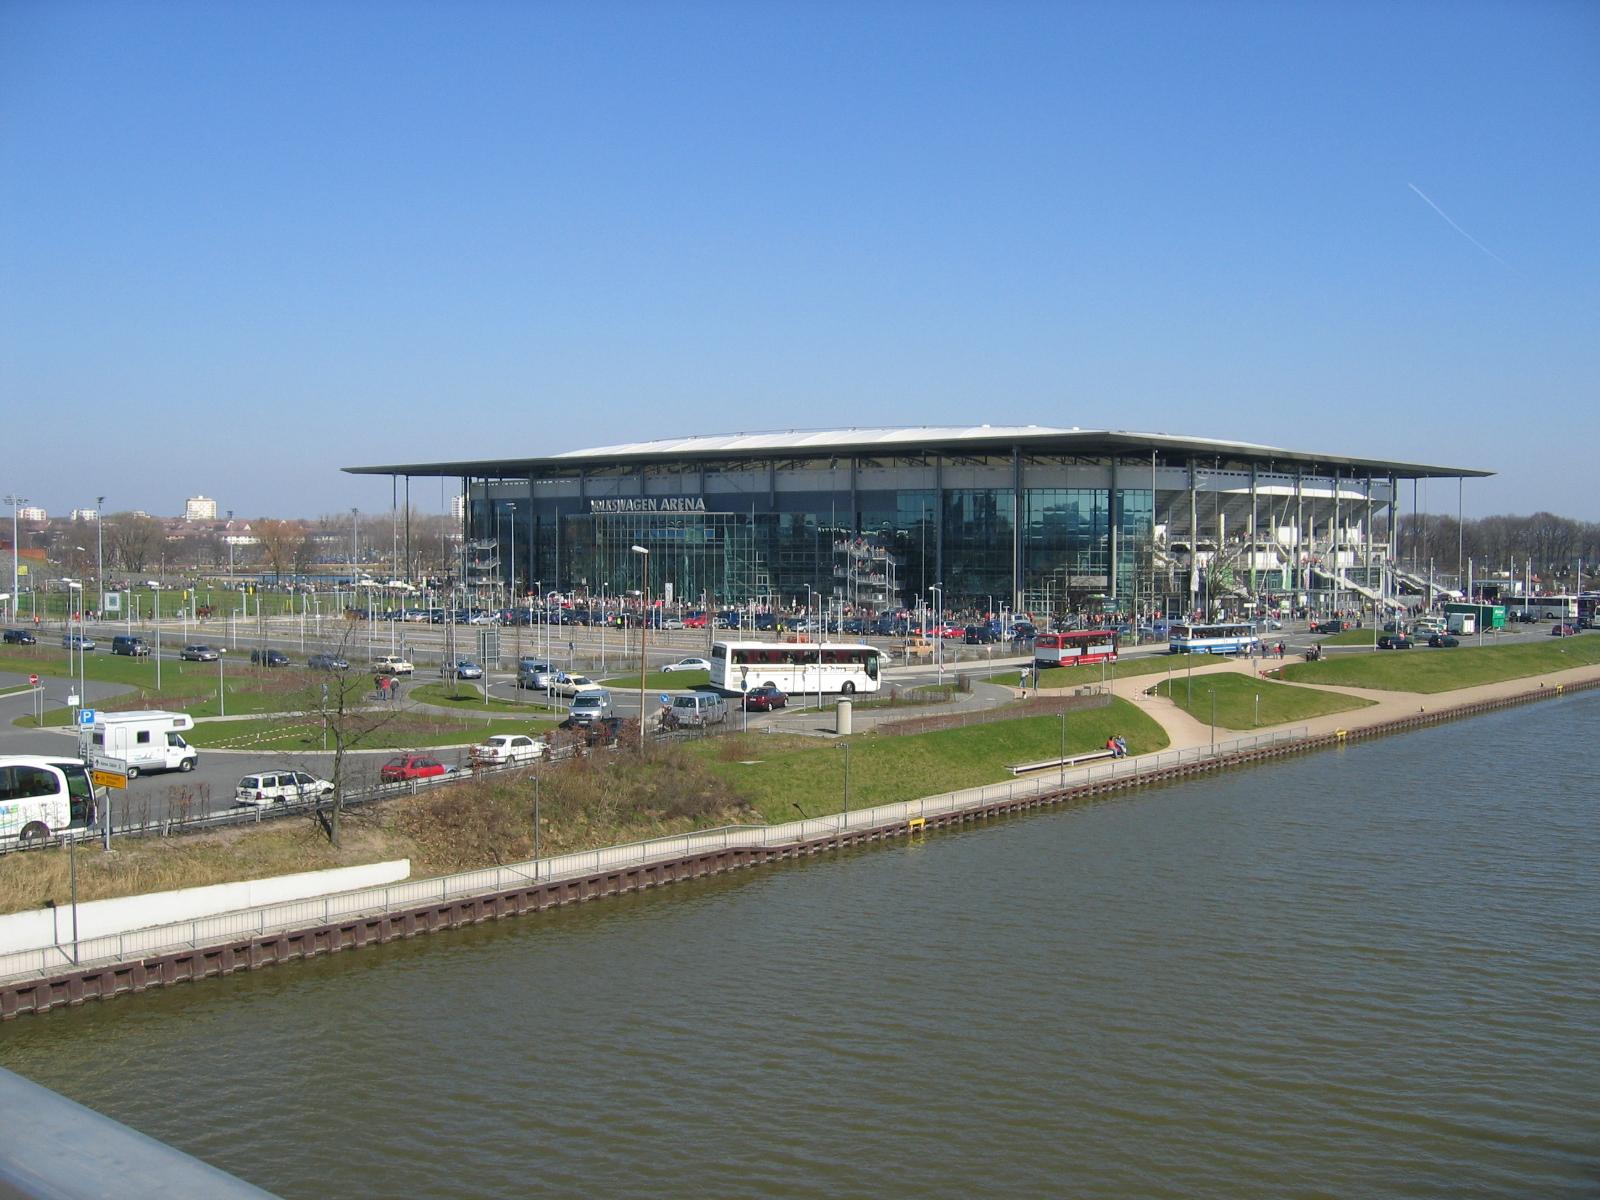 Wolfsburg_stadion.jpg